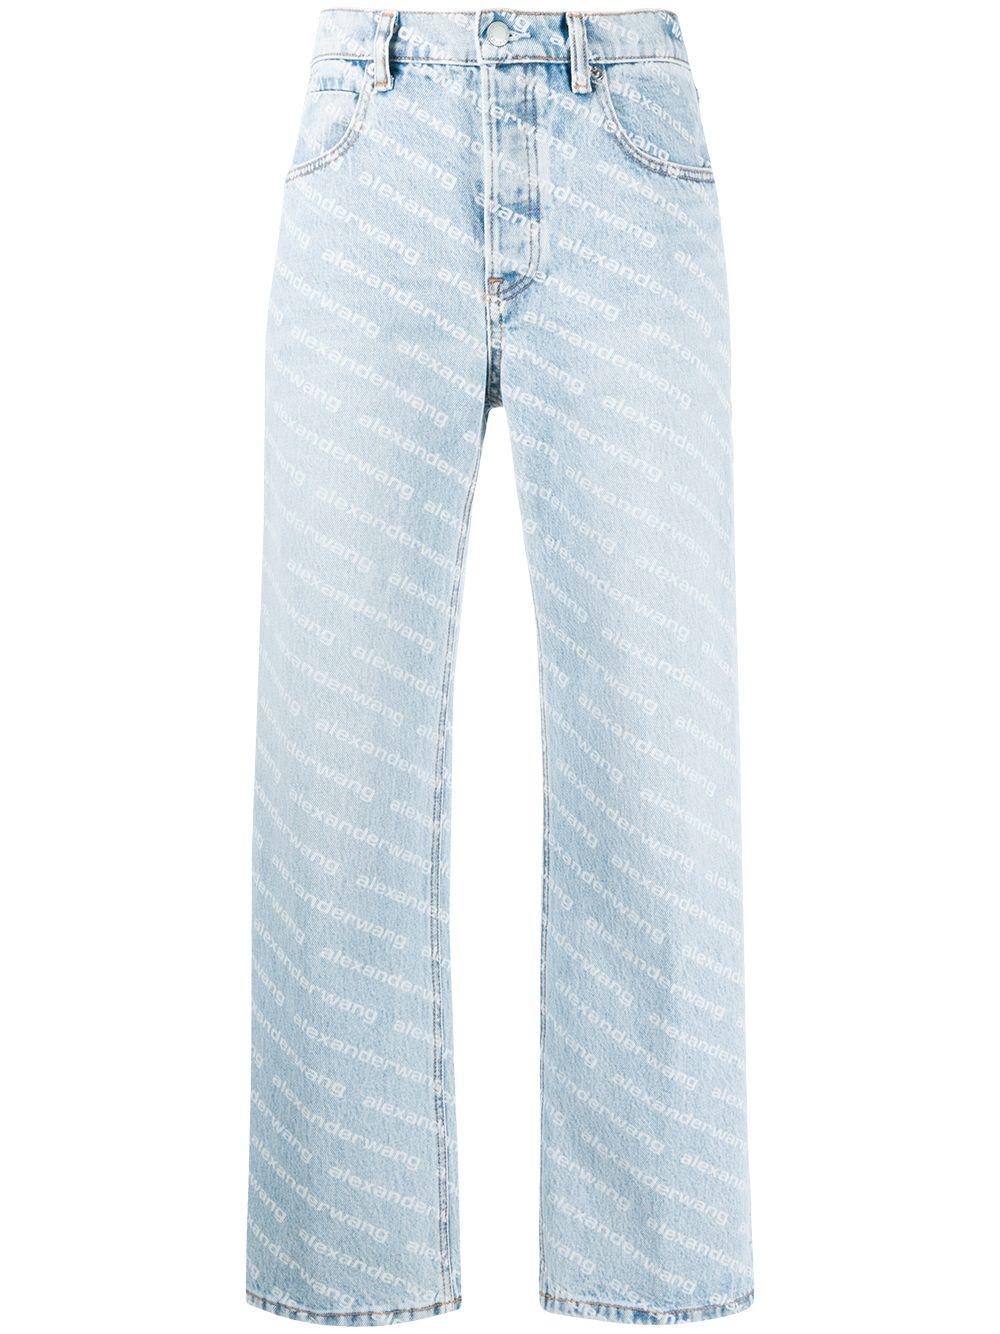 ALEXANDER WANG ALEXANDER WANG   Jeans   4DC2204717270